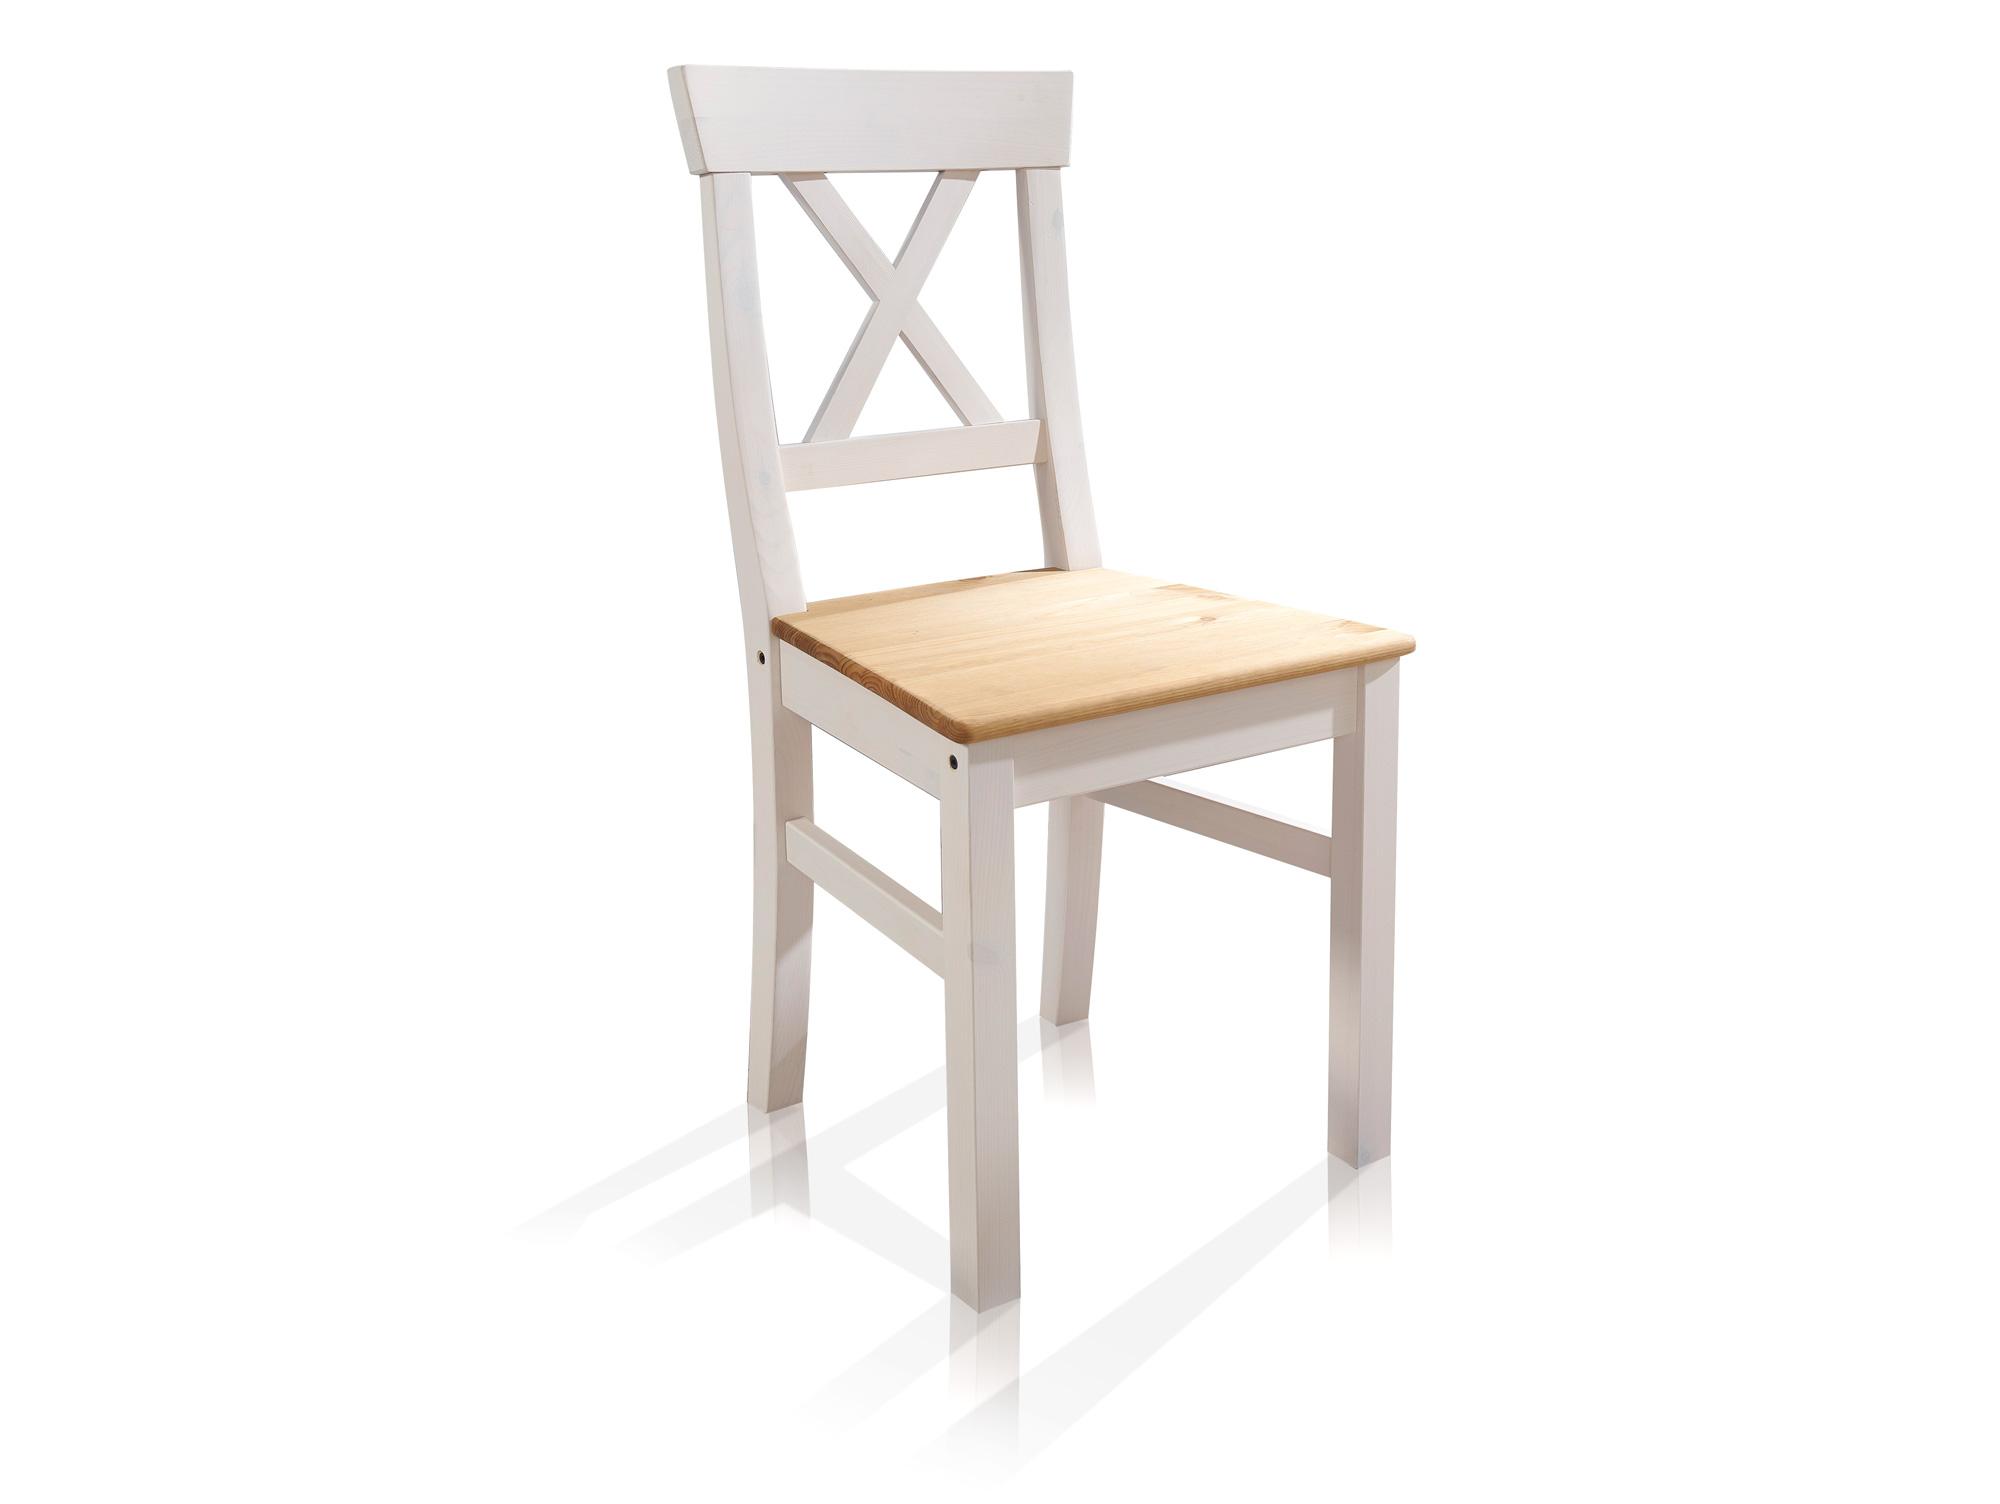 Erstaunlich Esstischstuhl Weiß Sammlung Von